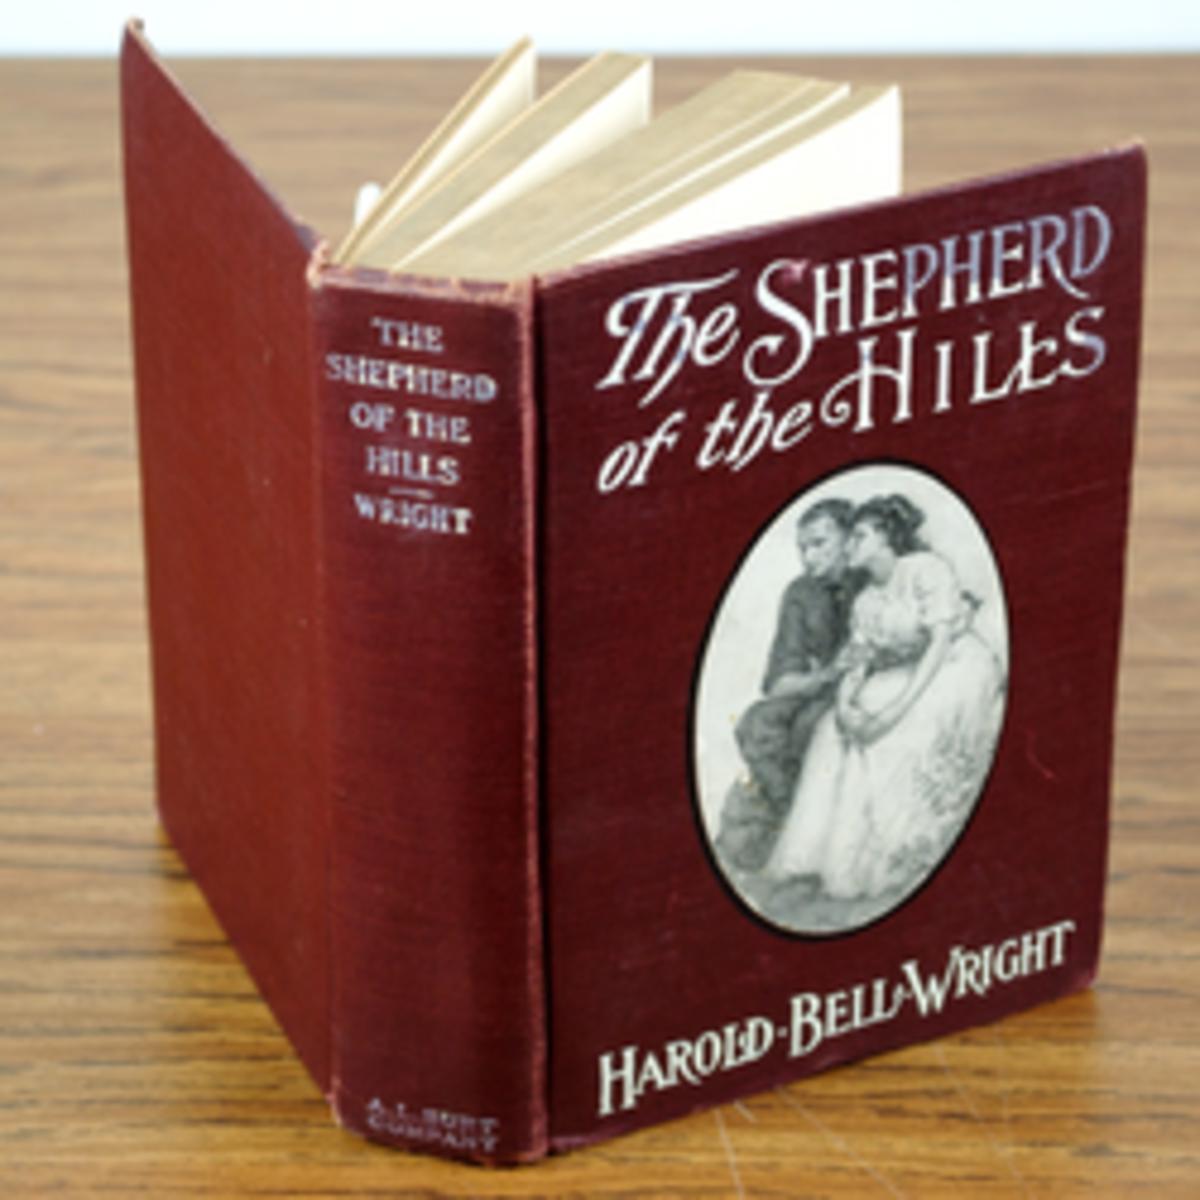 1907 Shepherd of the Hills Book